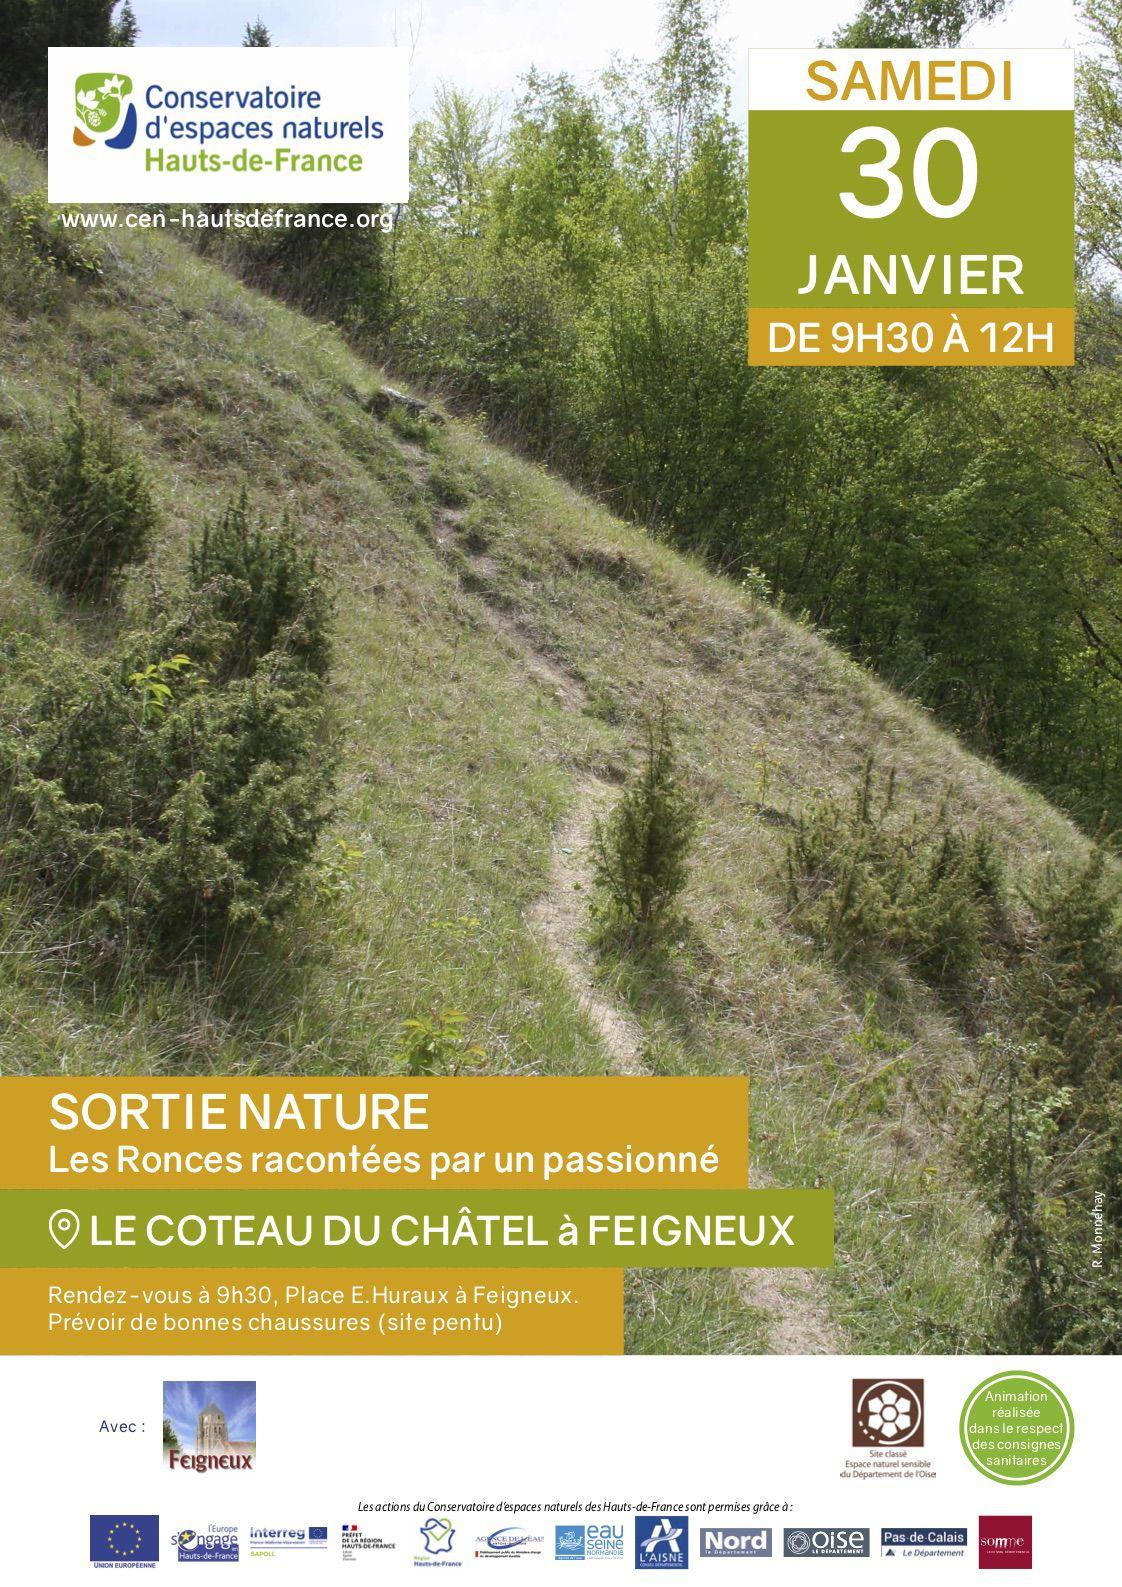 Communauté de communes du pays de Valois : Les suites pénales de la pollution du parc de Géresme à Crépy en Valois